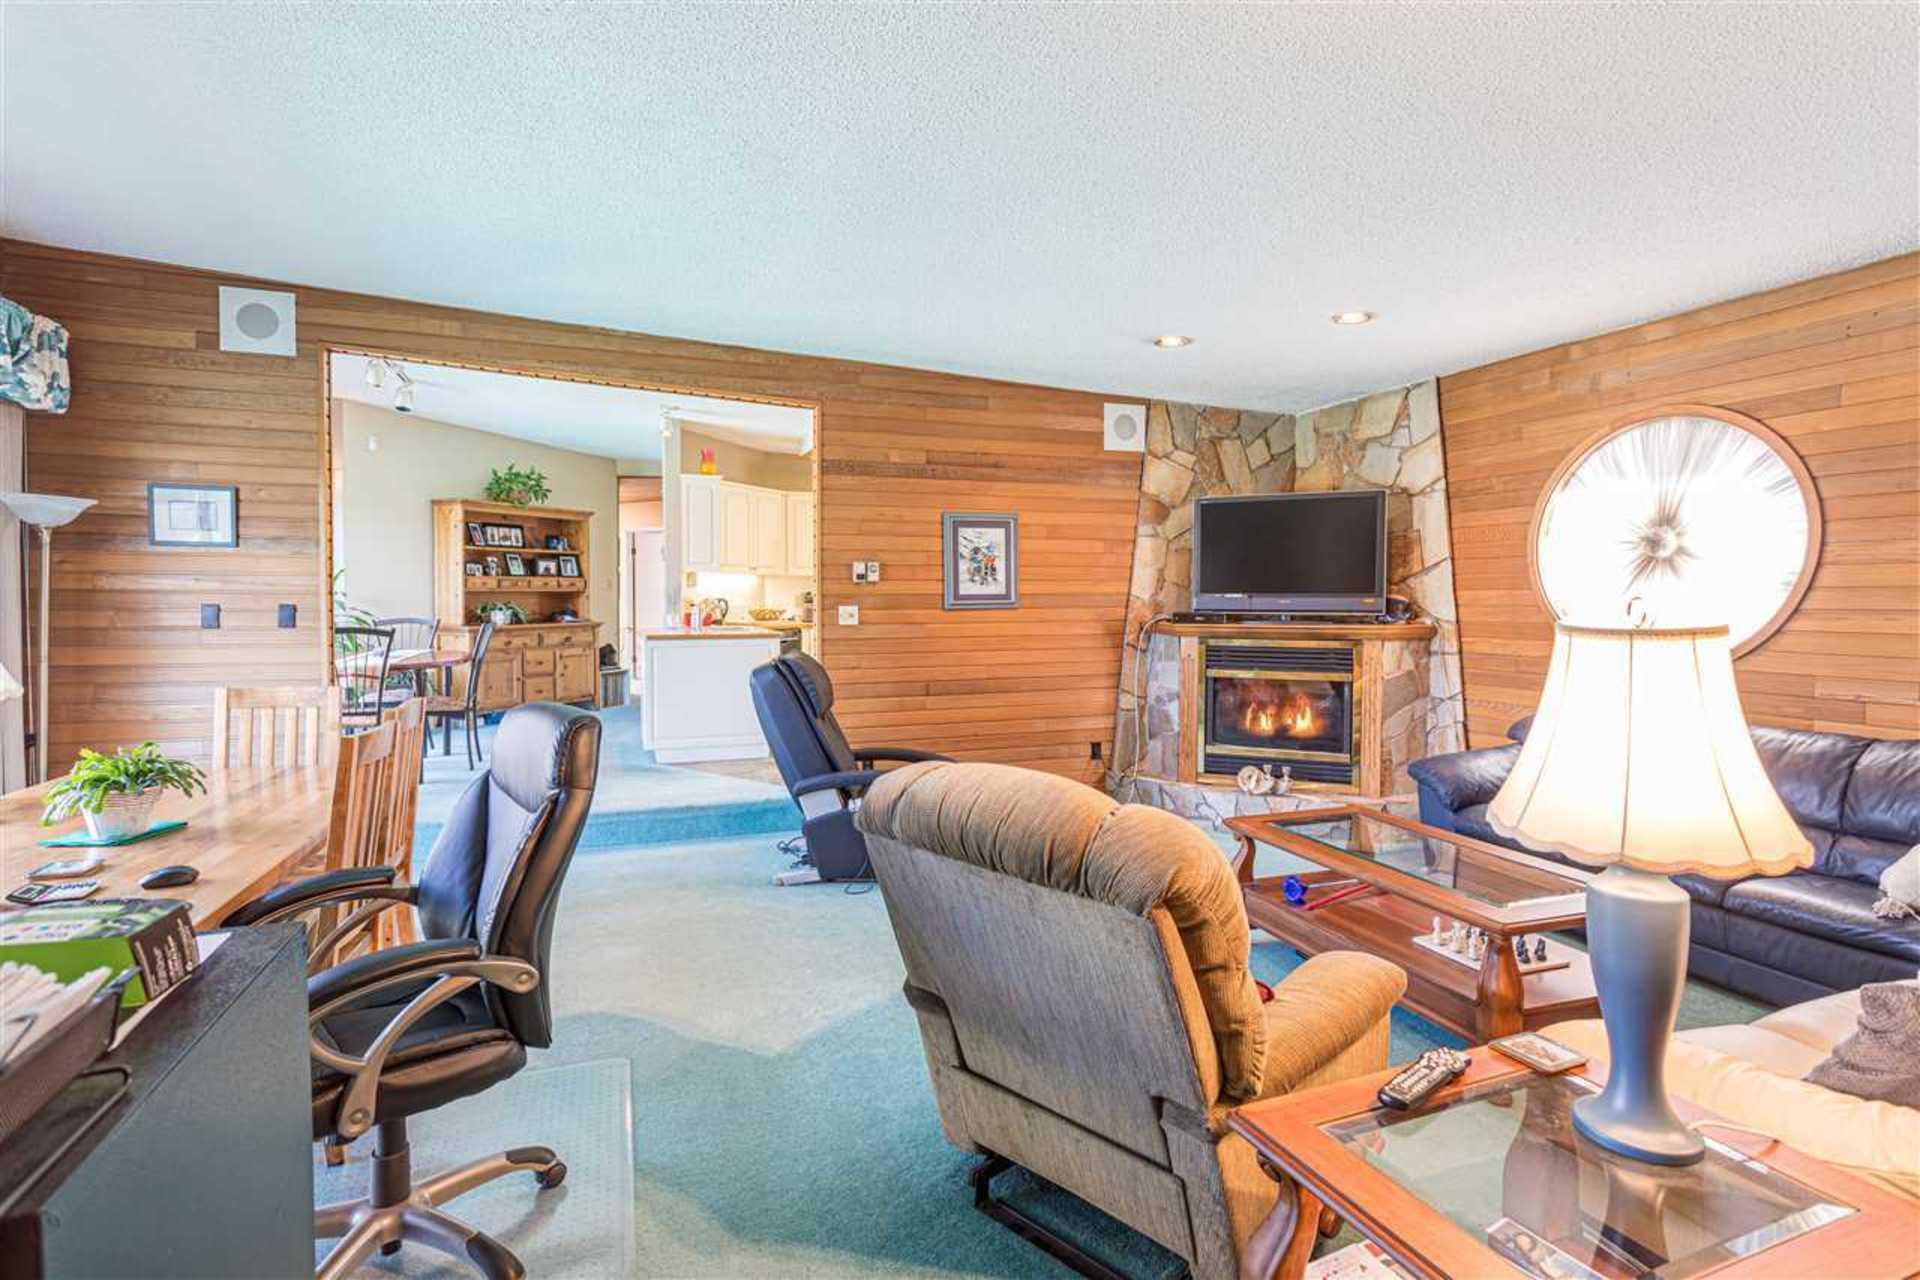 1200-cottonwood-avenue-central-coquitlam-coquitlam-14 at 1200 Cottonwood Avenue, Central Coquitlam, Coquitlam